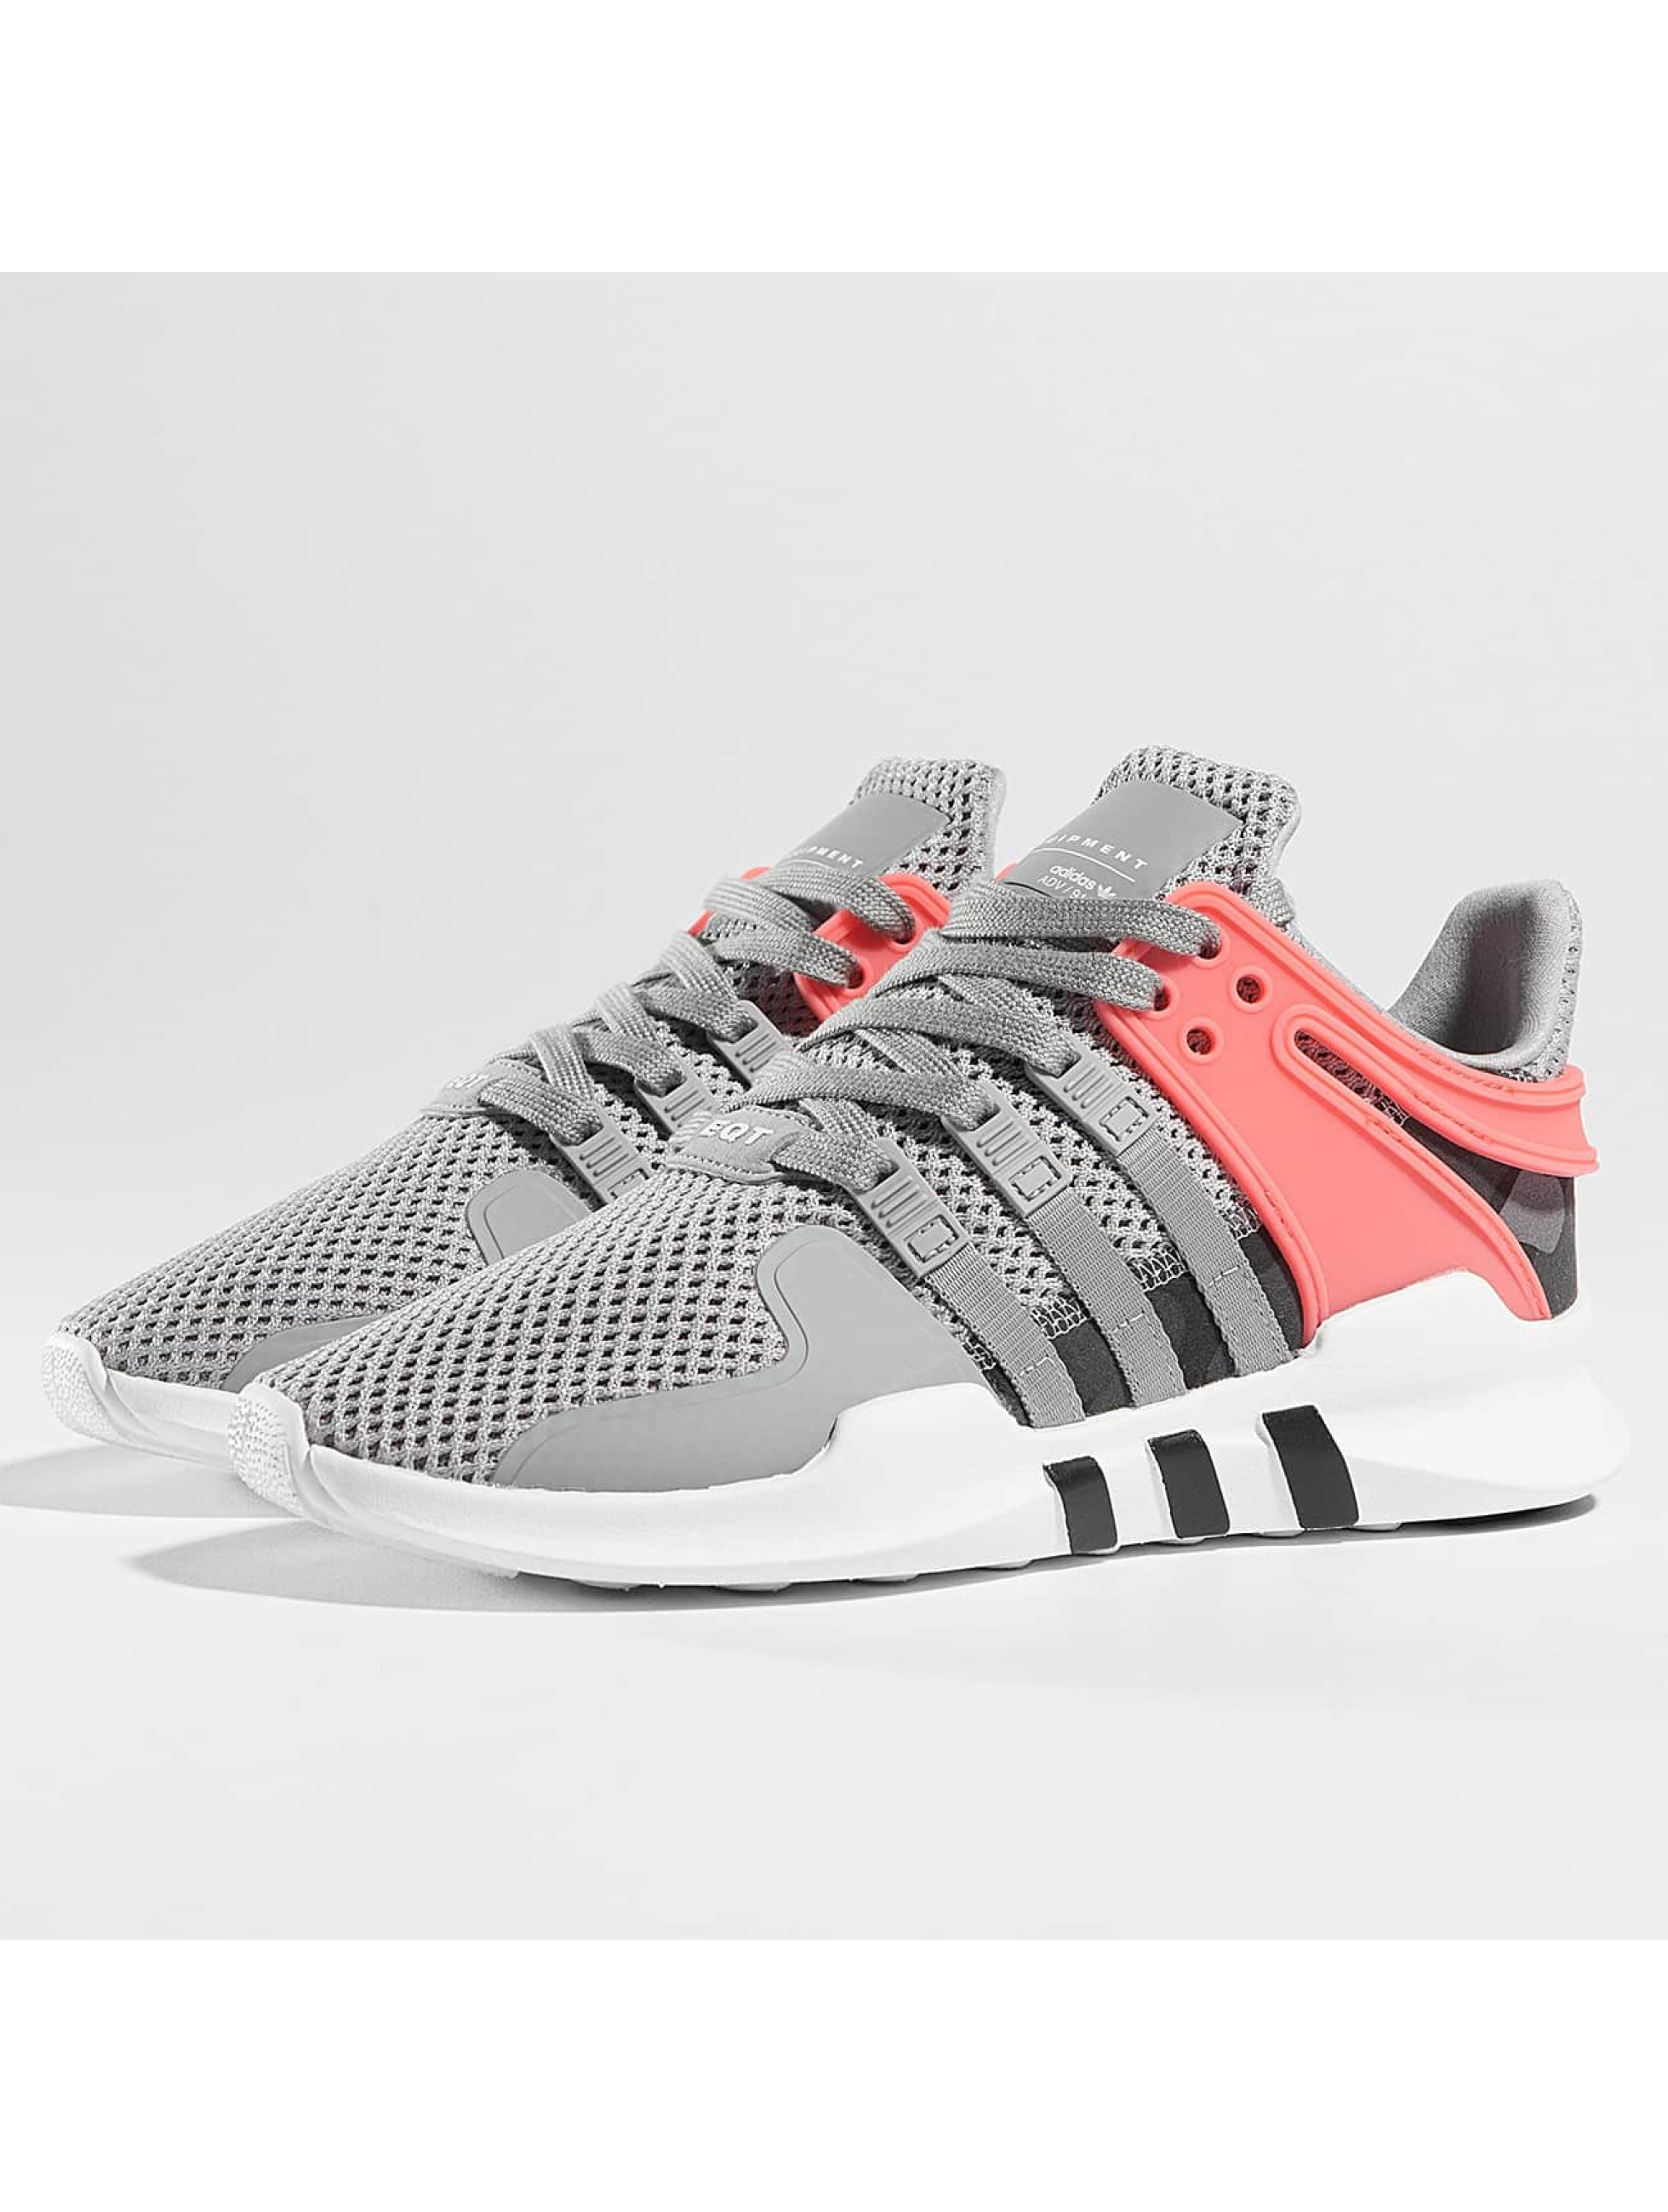 Adidas Nmd R1 Damen Grau